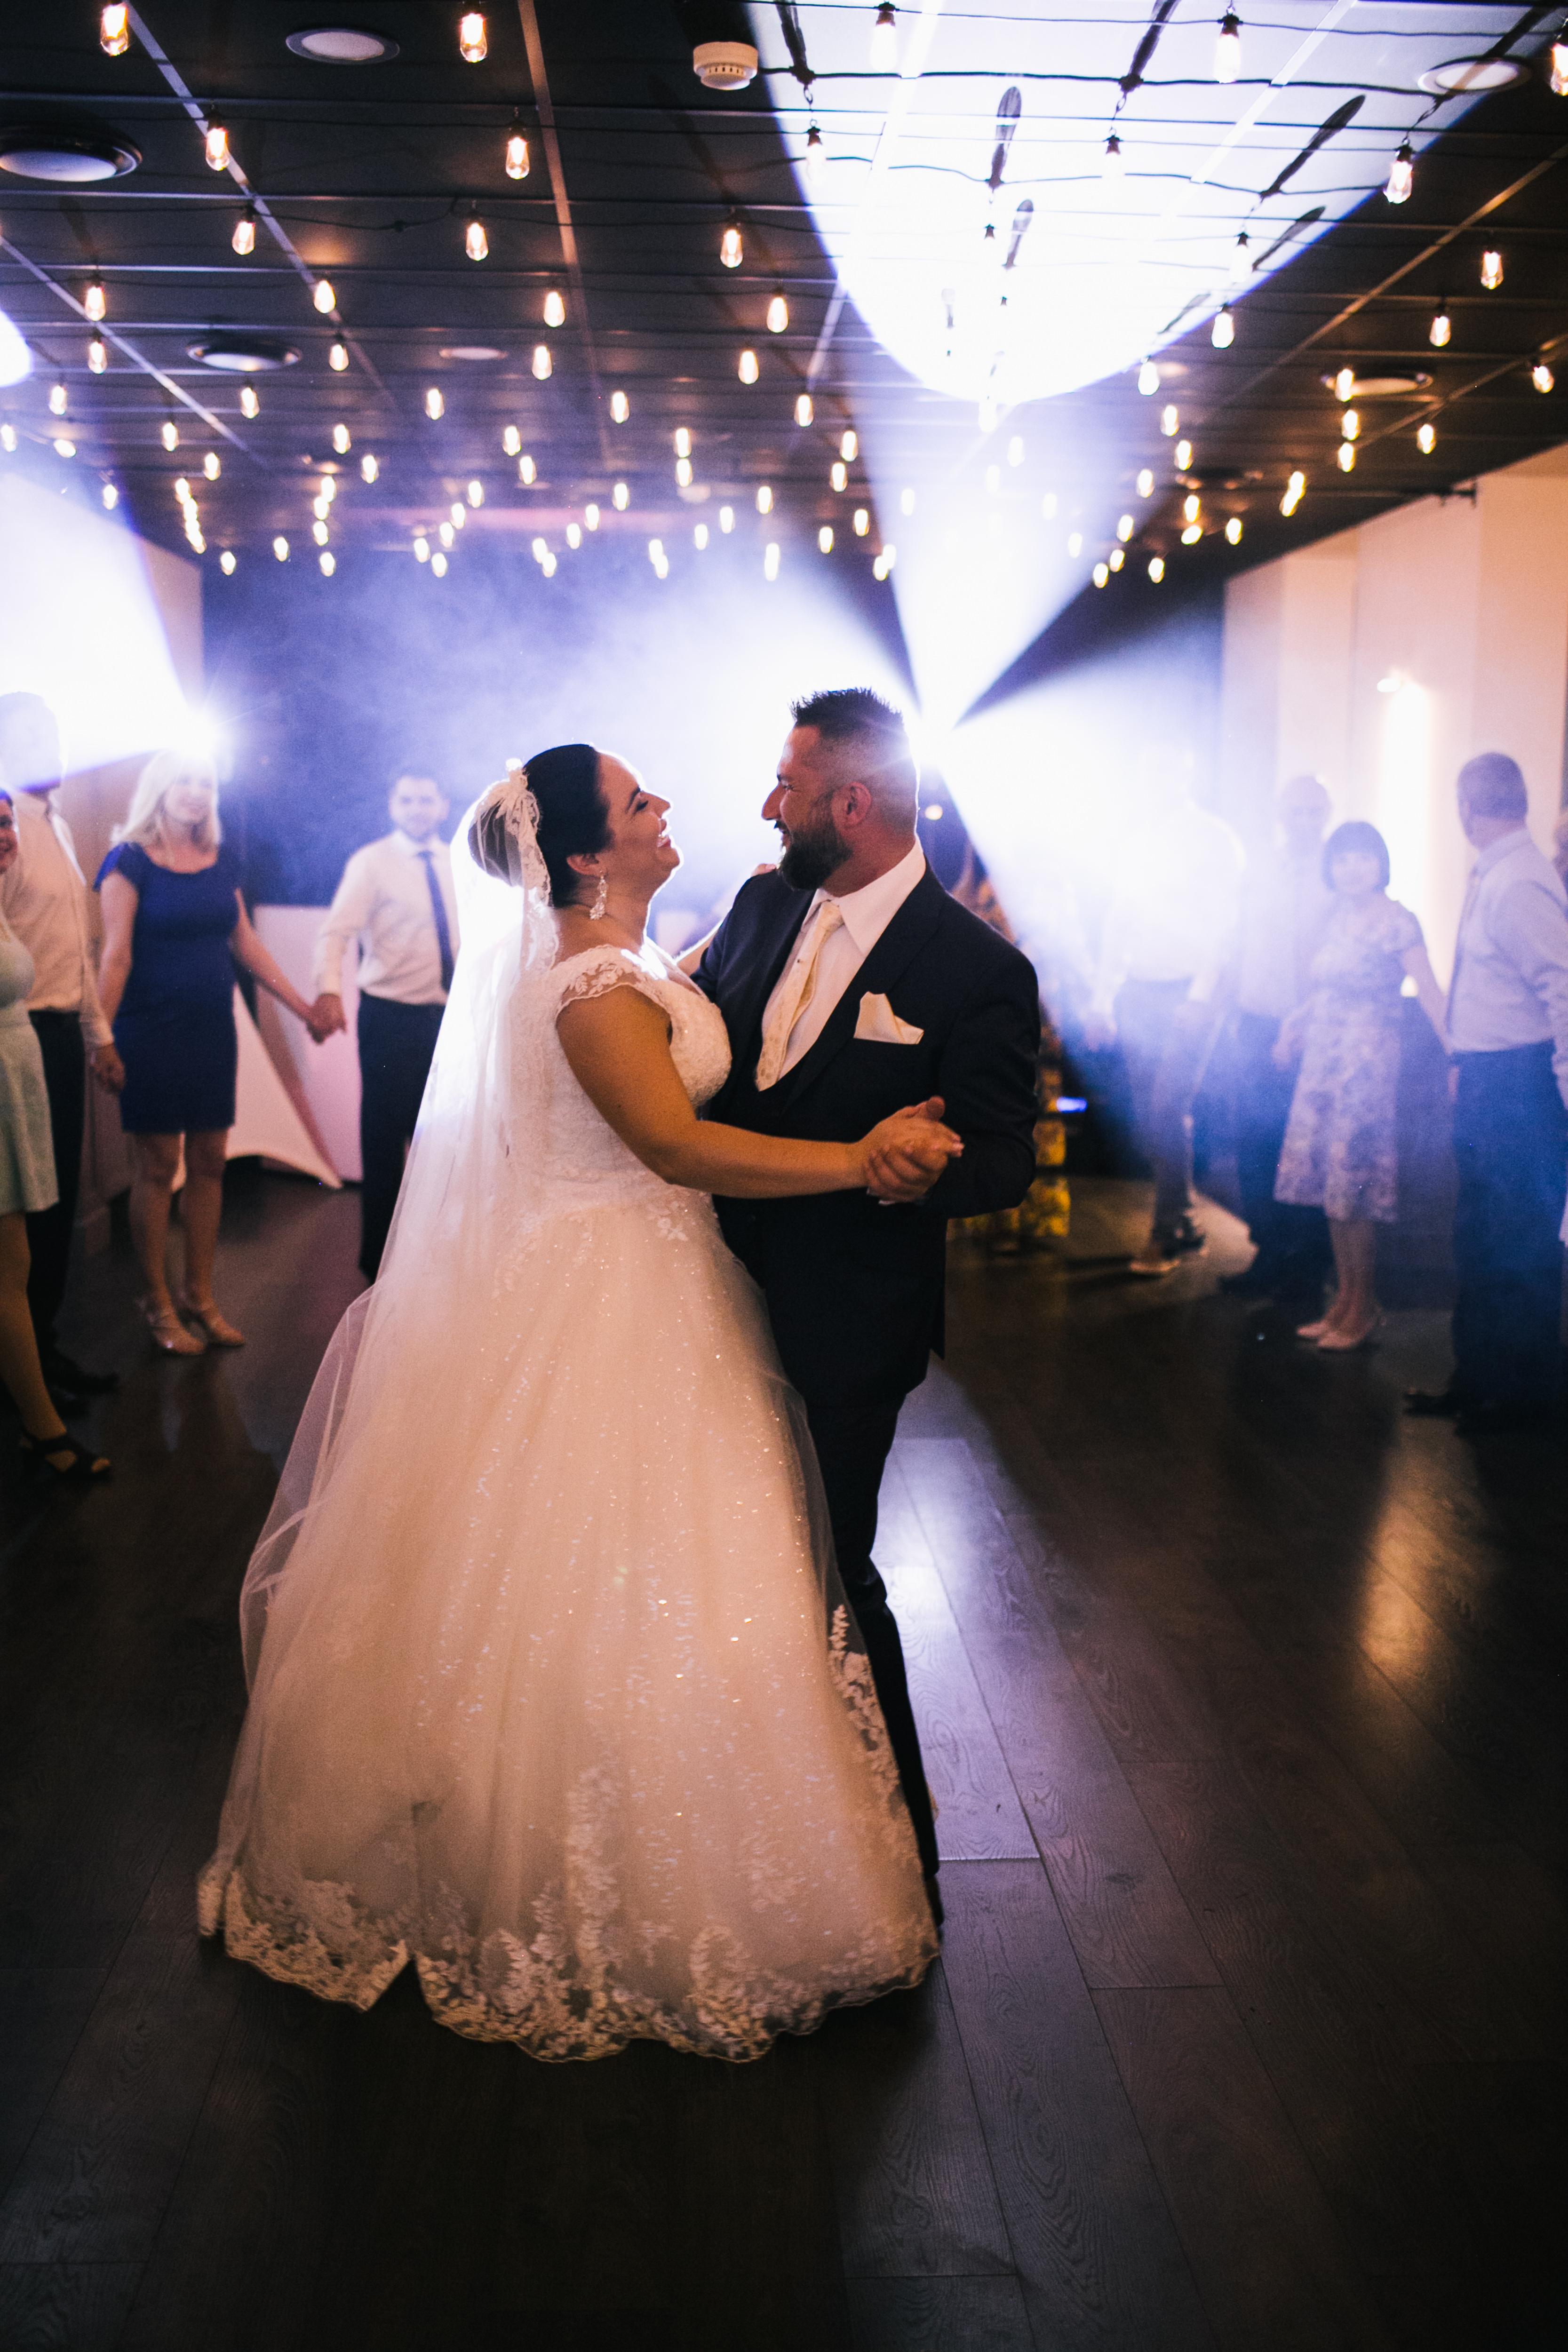 Svadba Reštaurácia Forhaus Trnava 01, #svadobnyDJ, #svadba, #Forhaus